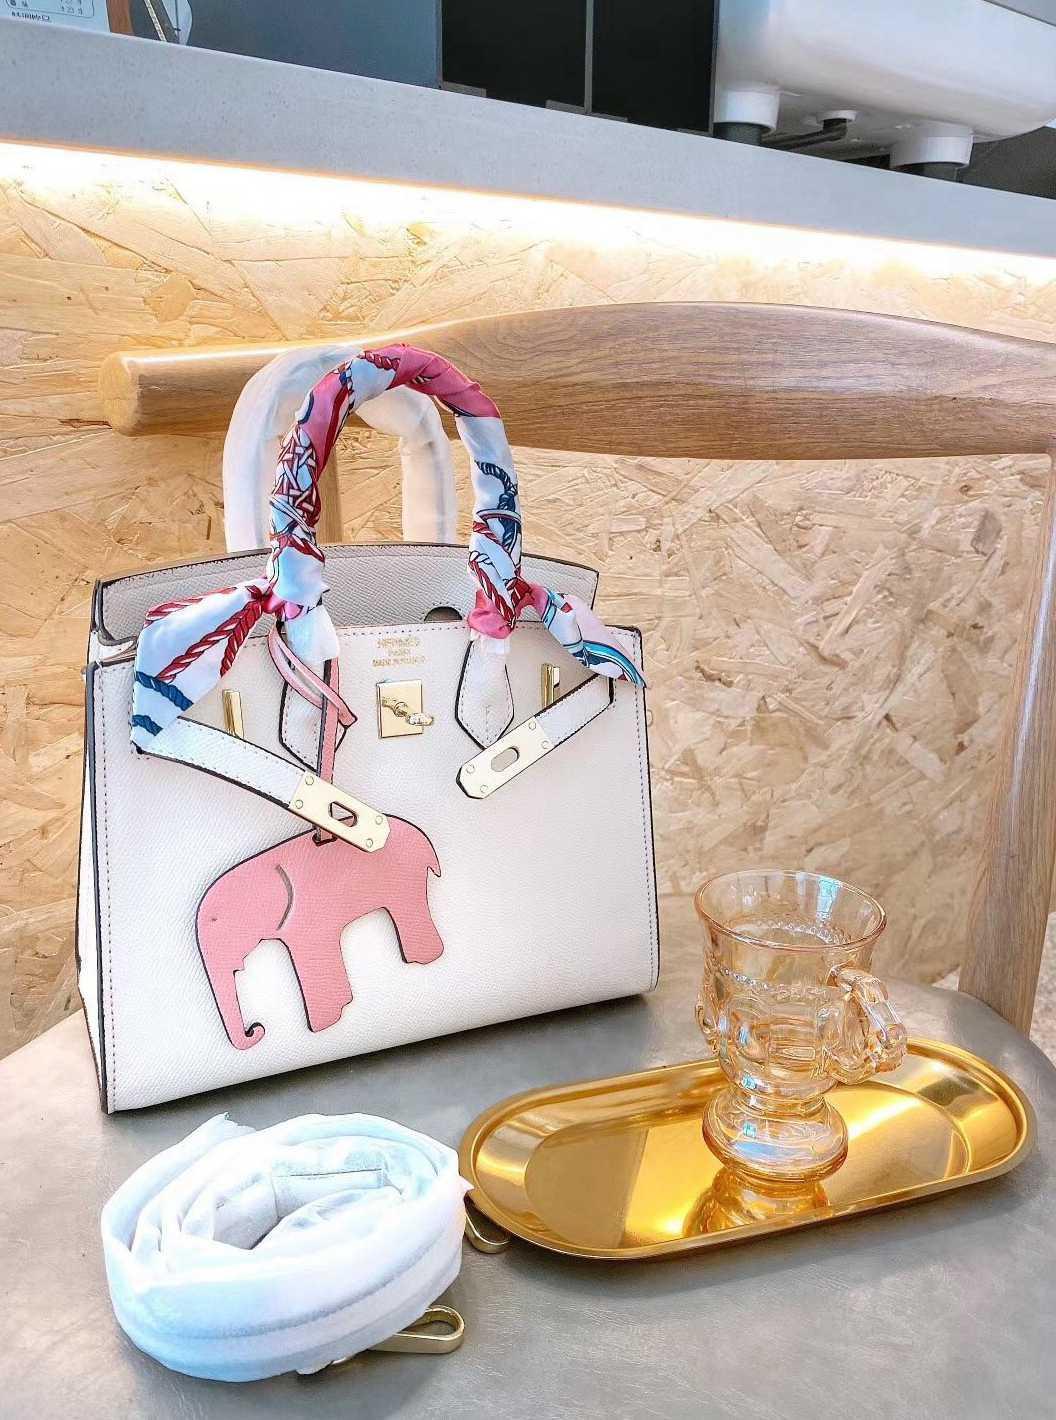 Sıcak satış Orijinal deri erkek ve kadın omuz çantası Messenger çanta omuz taşınabilir çantası sırt çantası -L0087